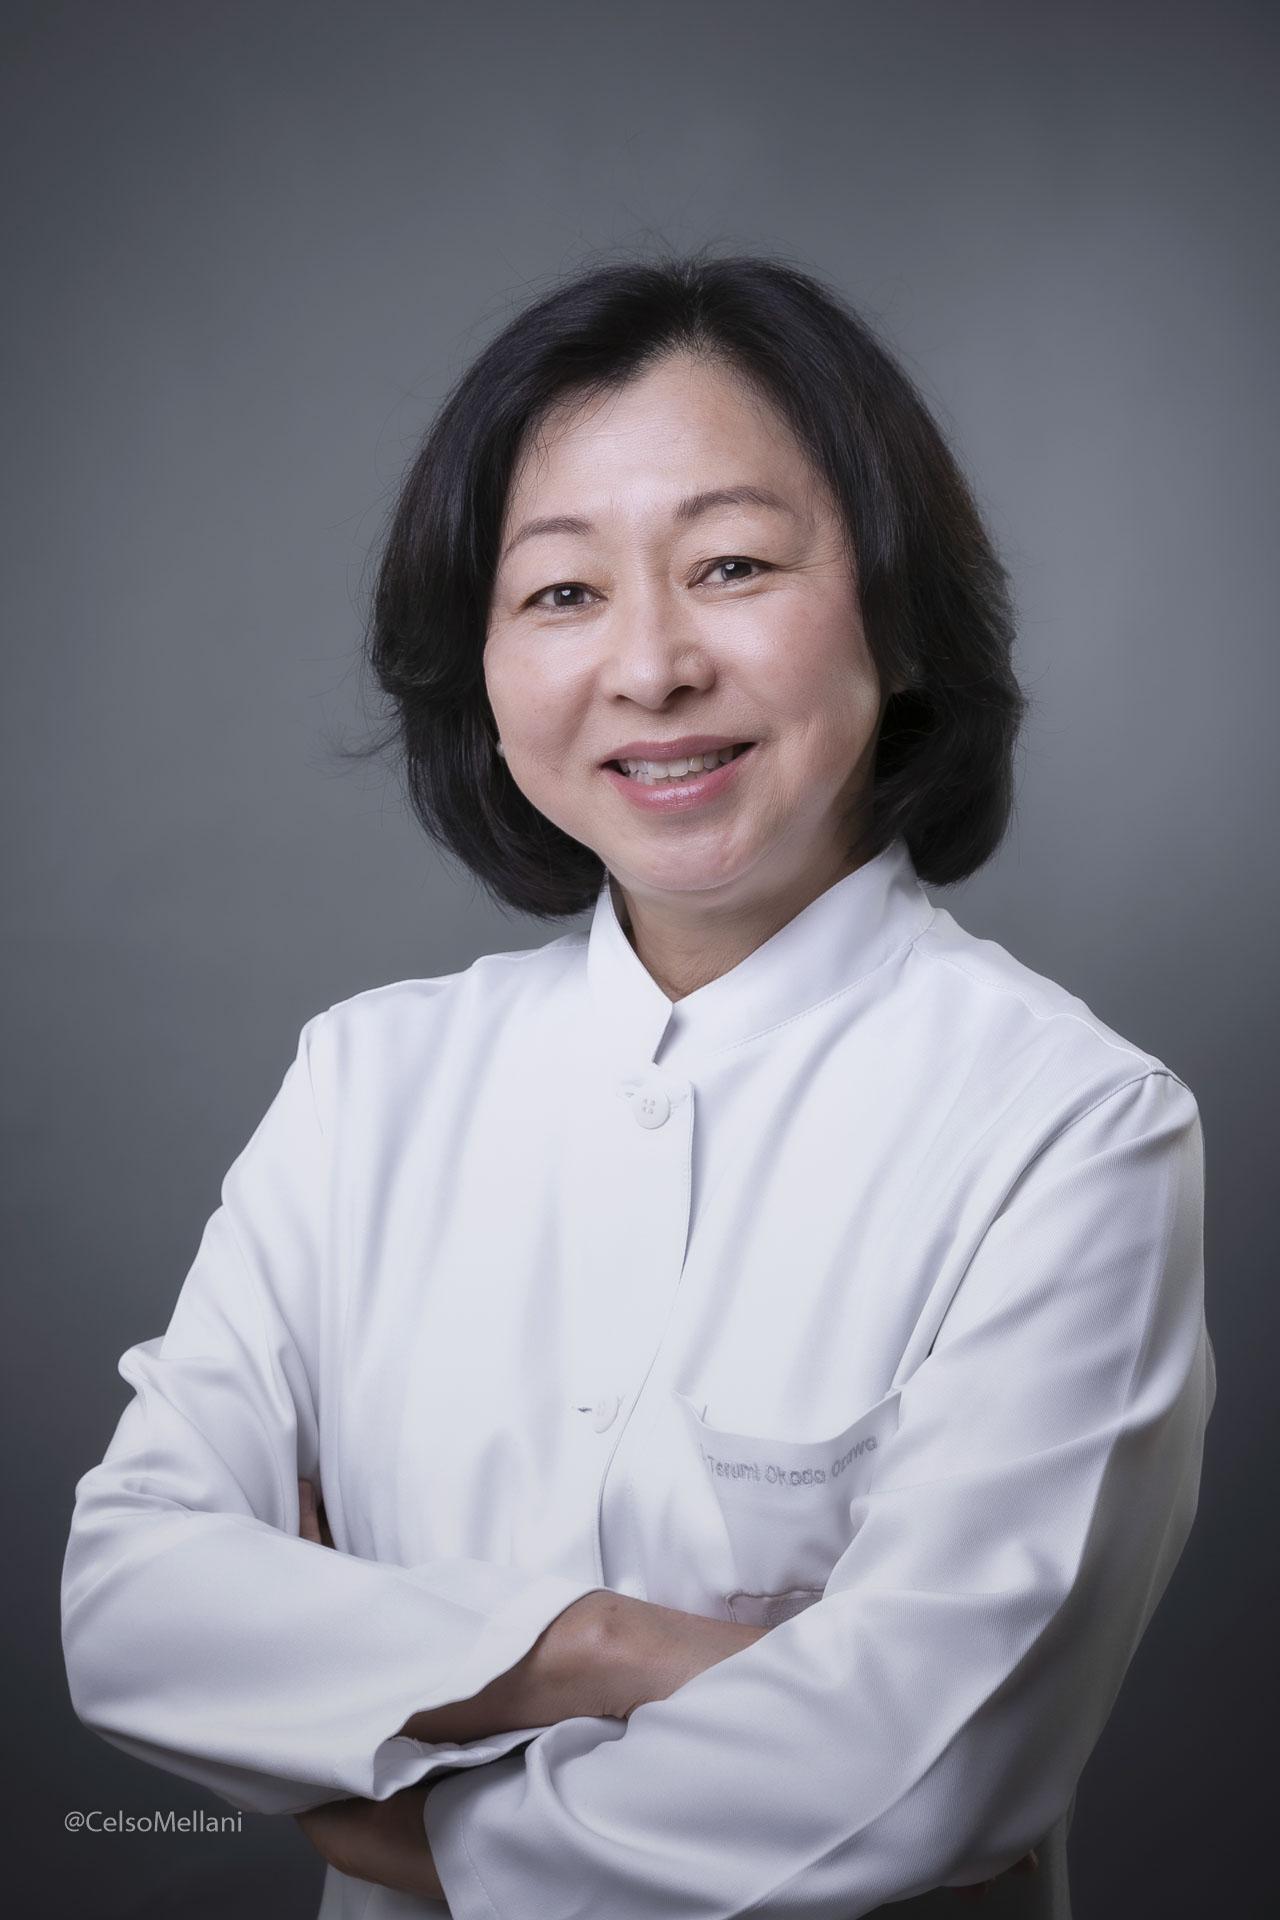 Dra Terumi Okada Ozawa